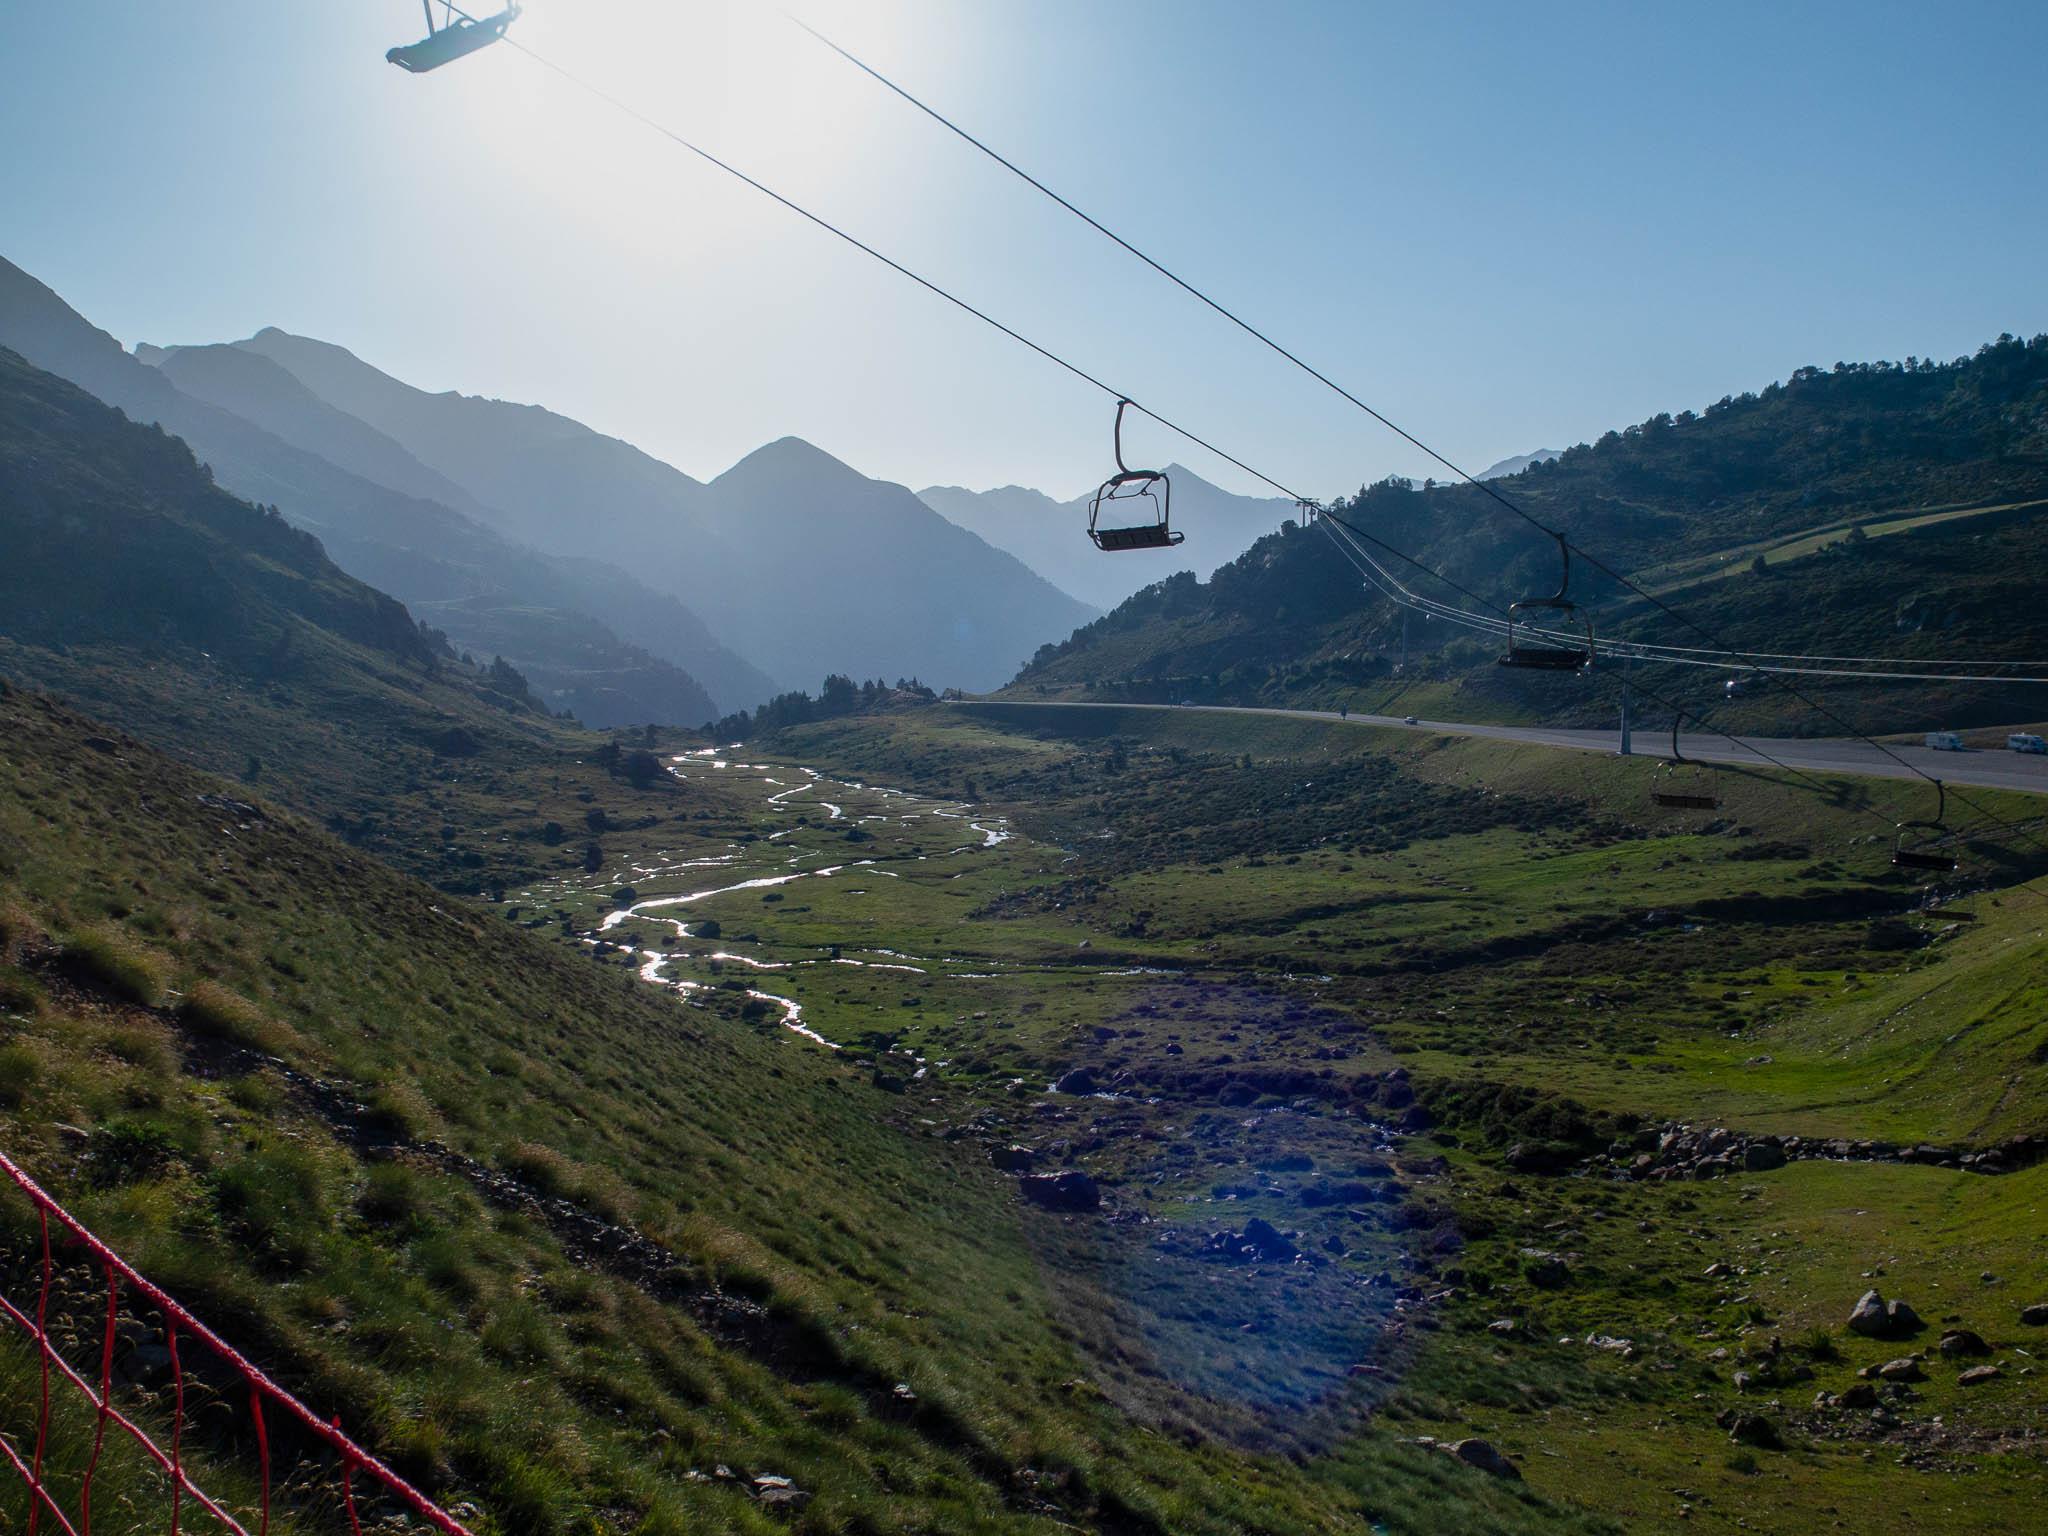 Blick auf Tal mit Seilbahn in Andorra, Estanys de Tristaina